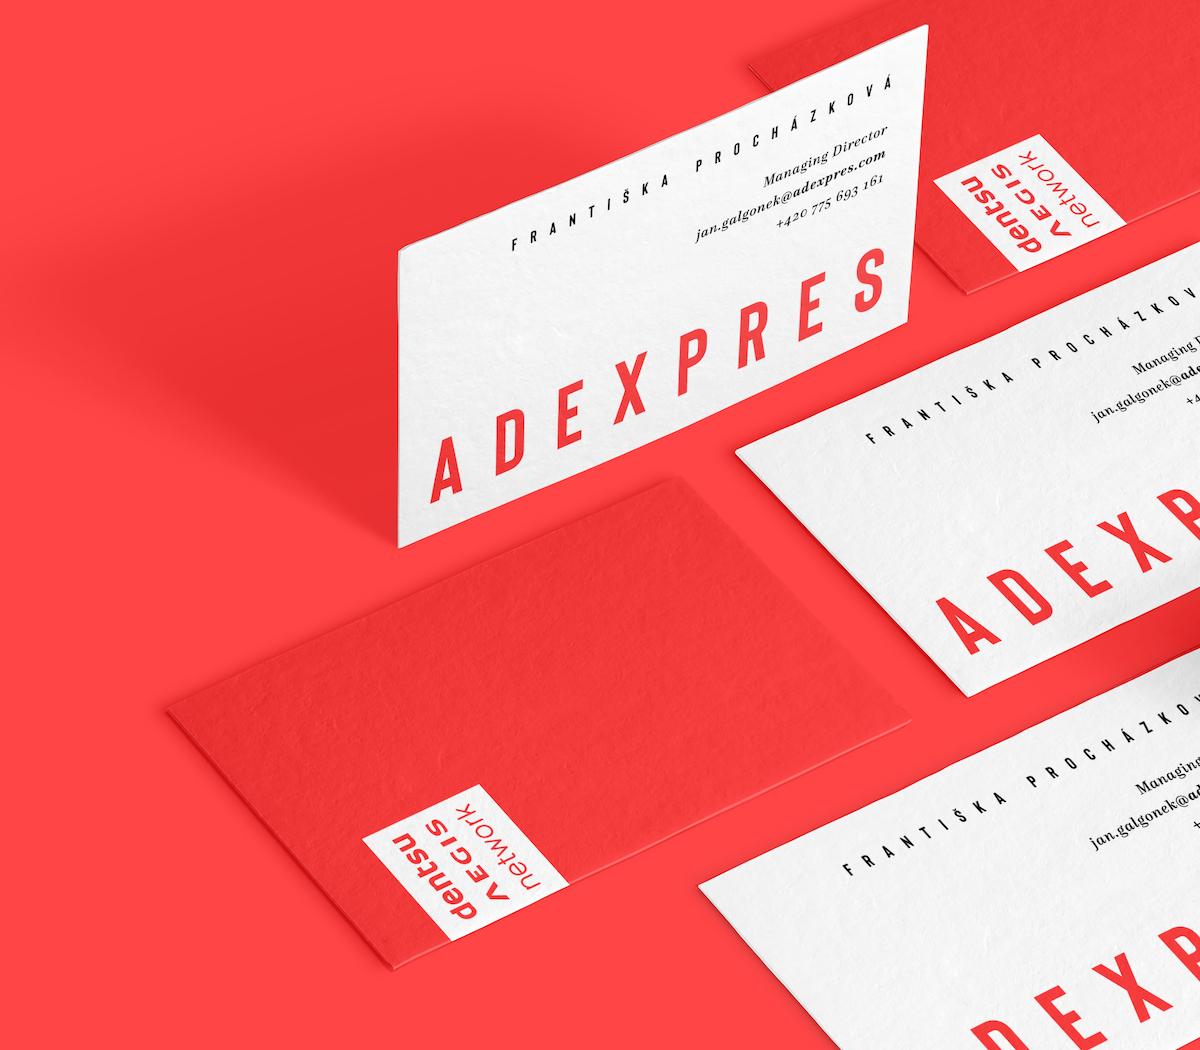 Nová vizuální identita agentury Adexpres